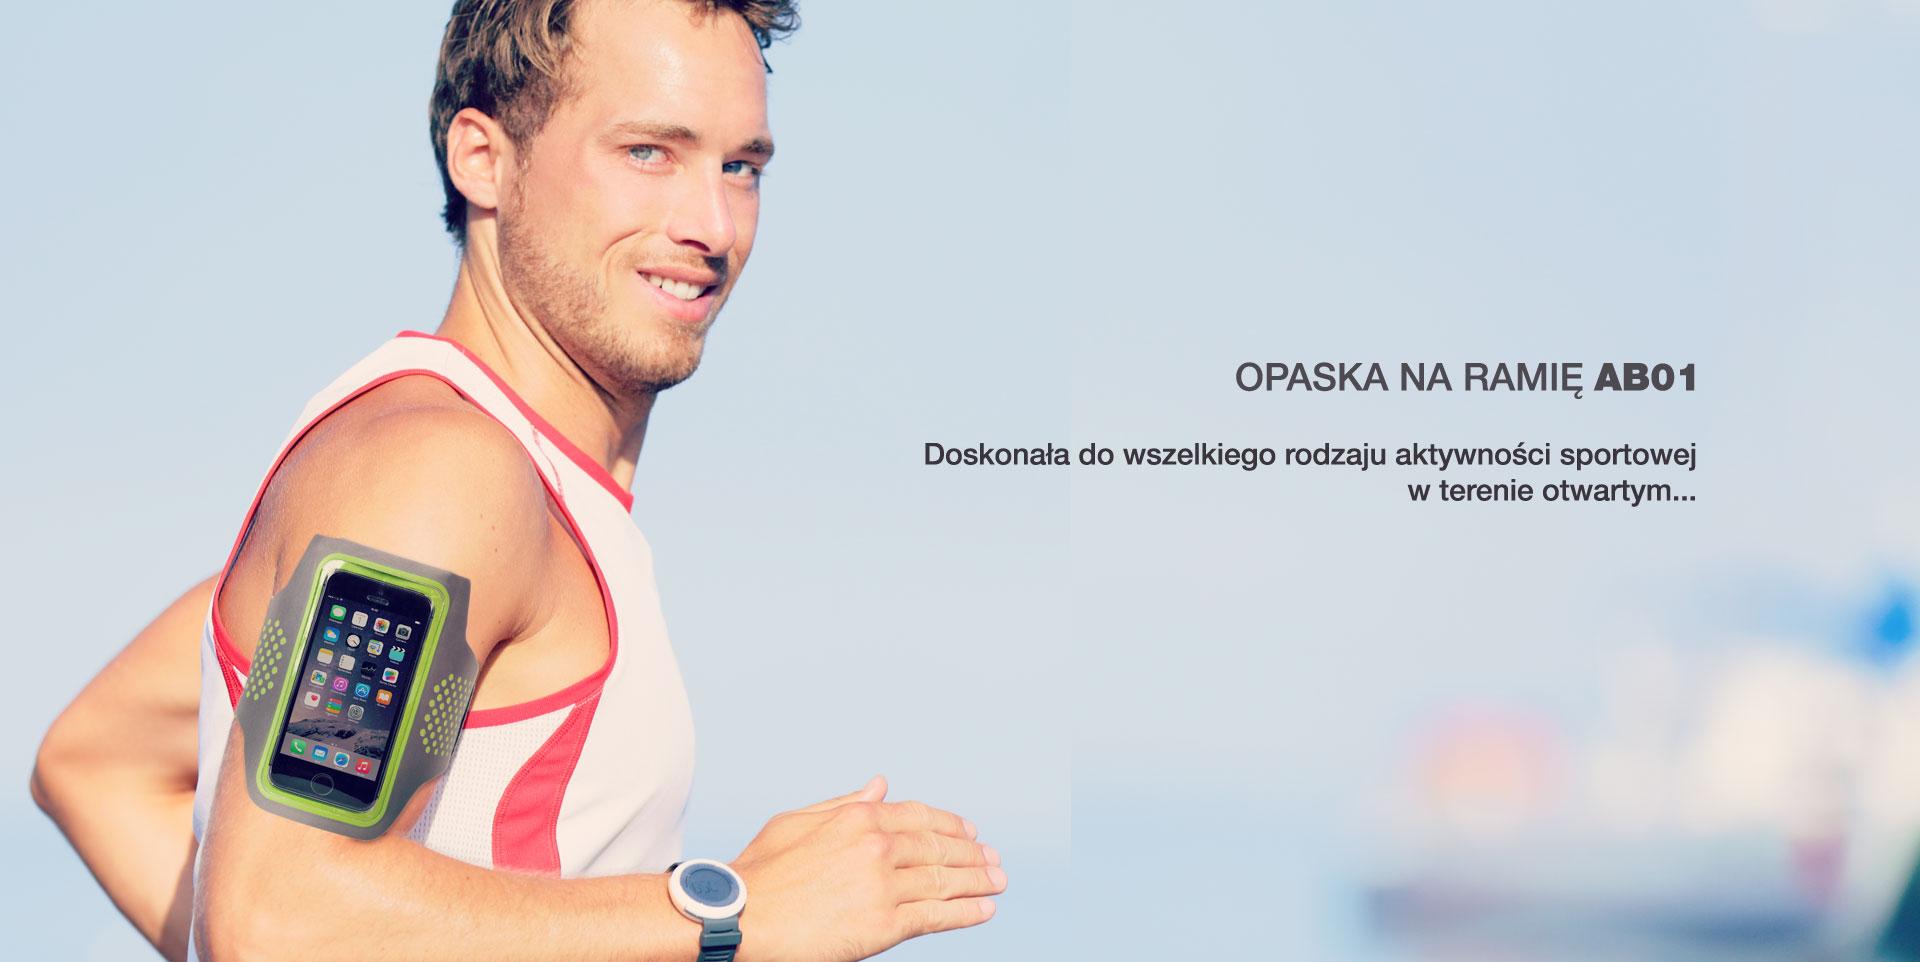 OPASKA NA RAMIĘ AB01. Doskonała do wszelkiego rodzaju aktywności sportowej w terenie otwartym...